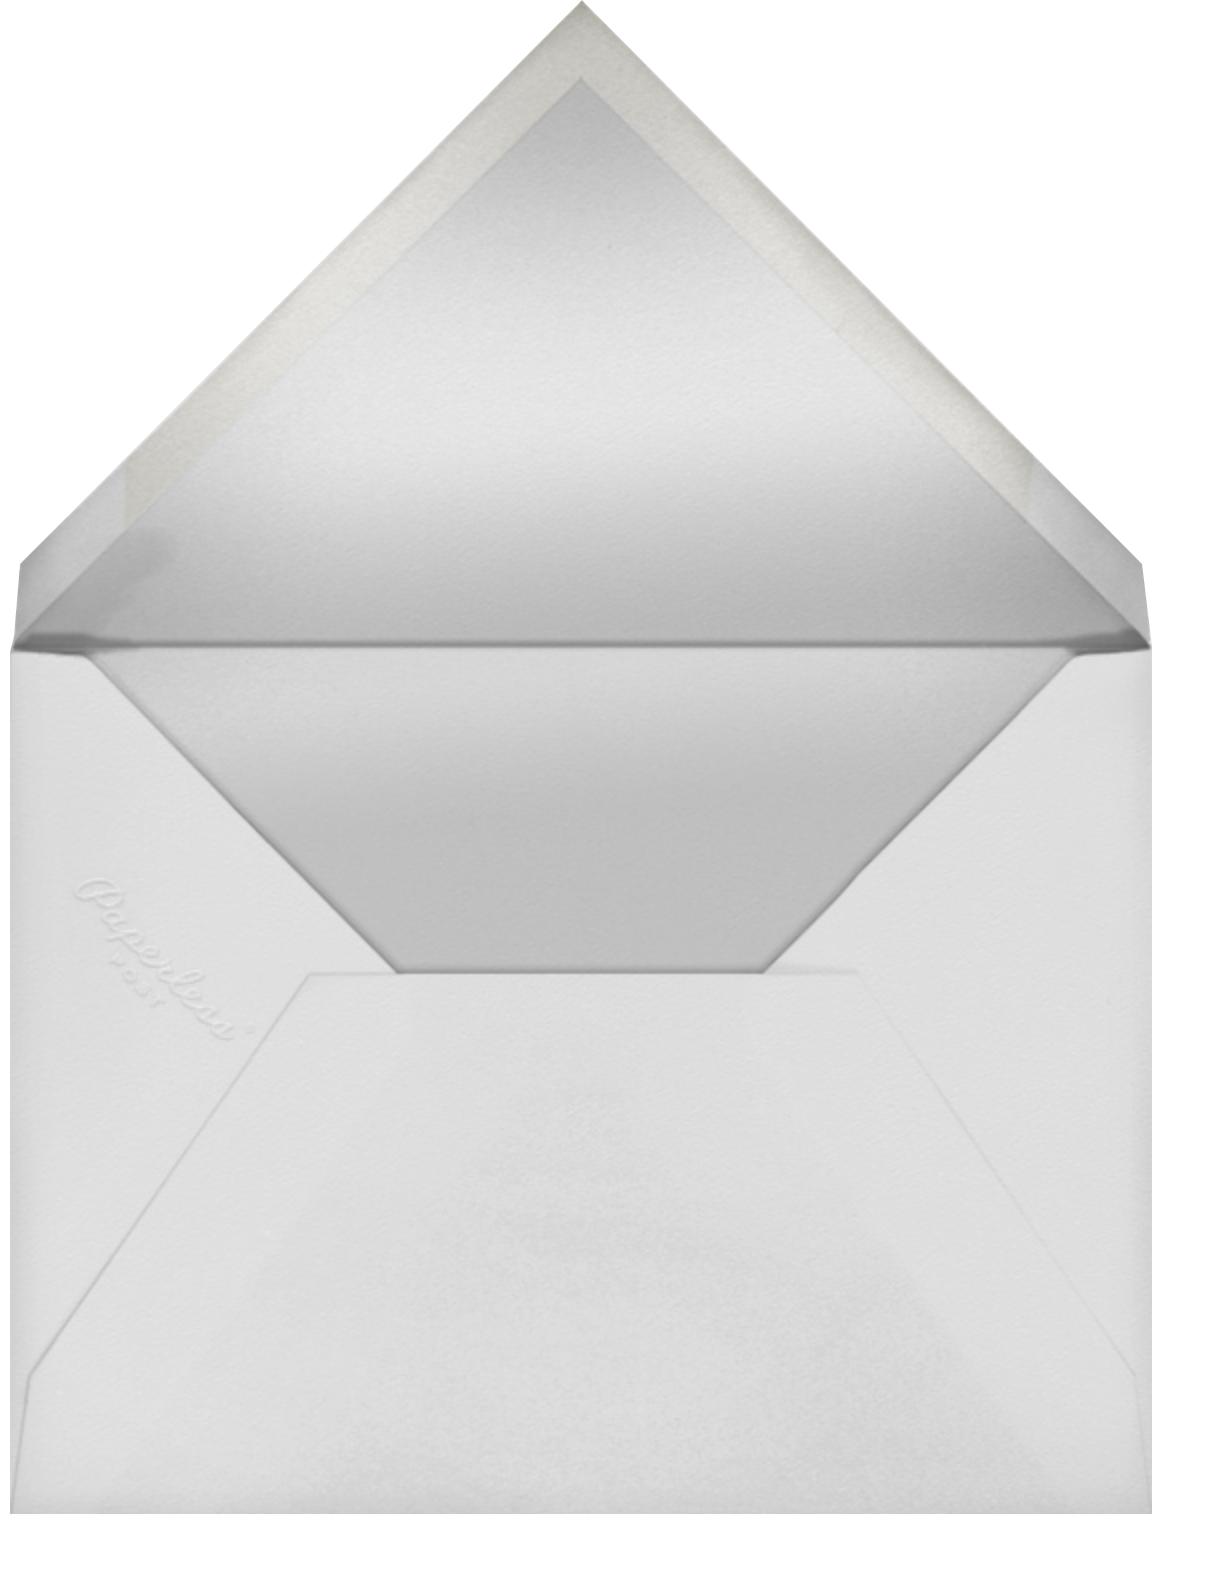 Meander (Menu) - Jonathan Adler - Menus - envelope back